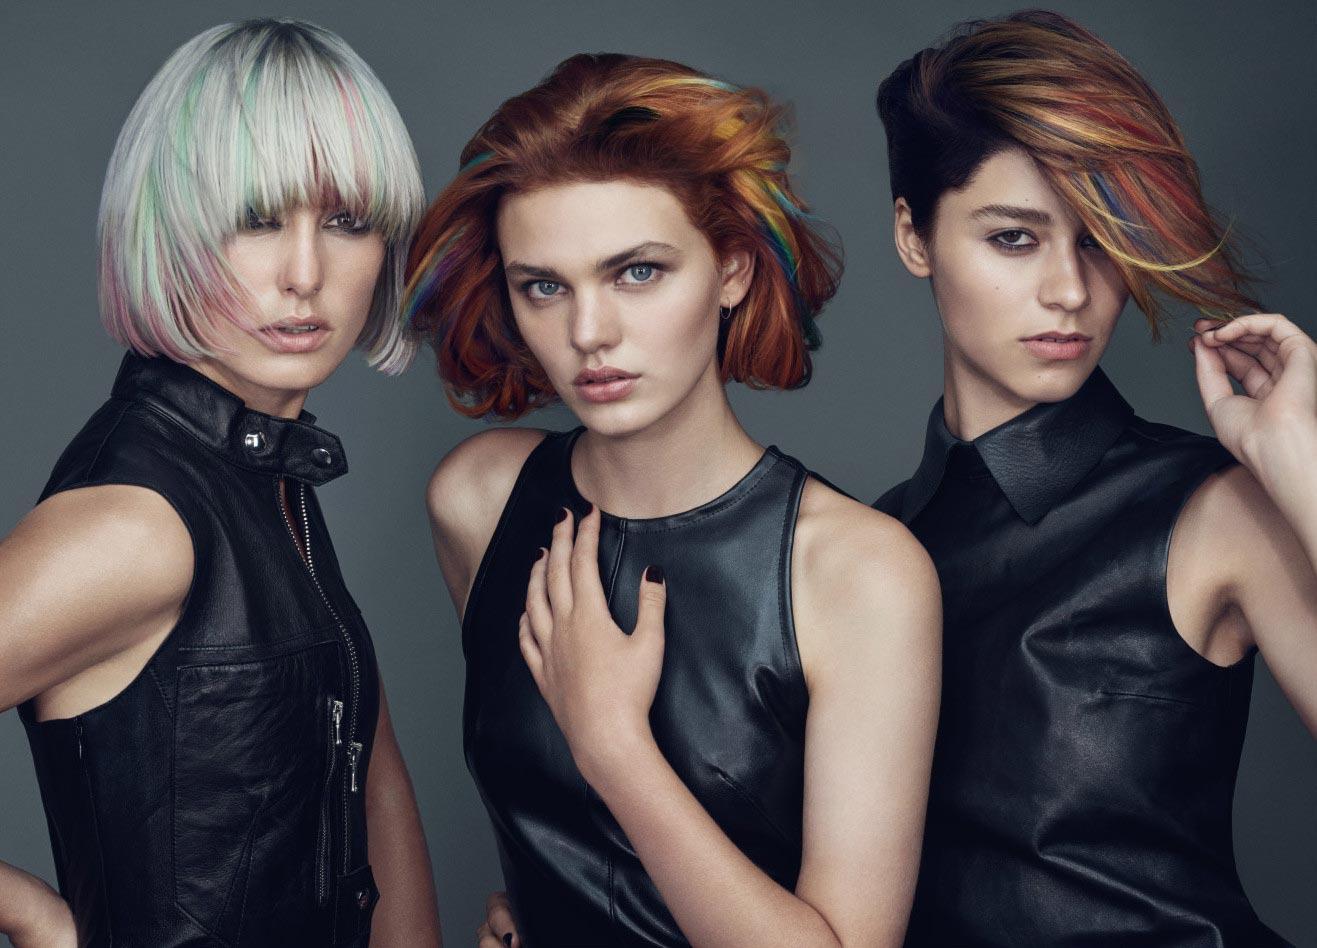 Verschiedene Varianten der Goldwell Elumen Haarfarbe | Haare färben in Stuttgart bei Hair&Style Altbach